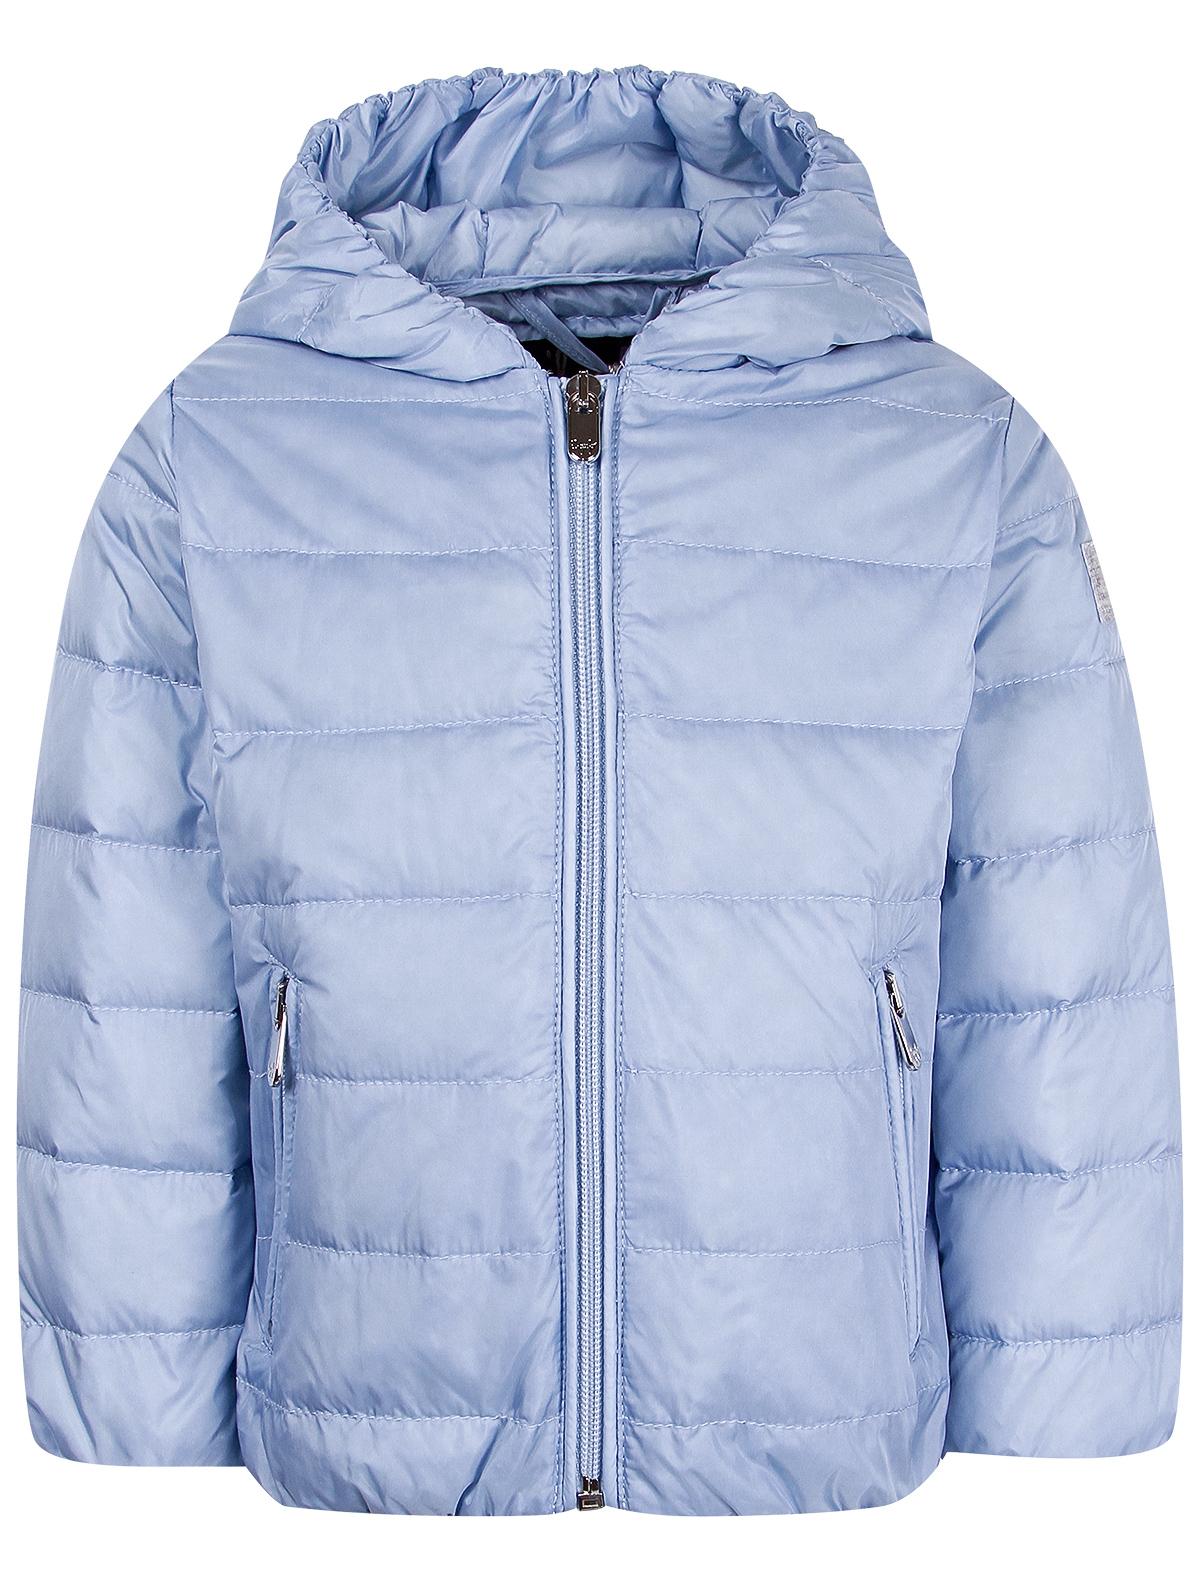 Купить 1947793, Куртка Il Gufo, голубой, Мужской, 1071519970305